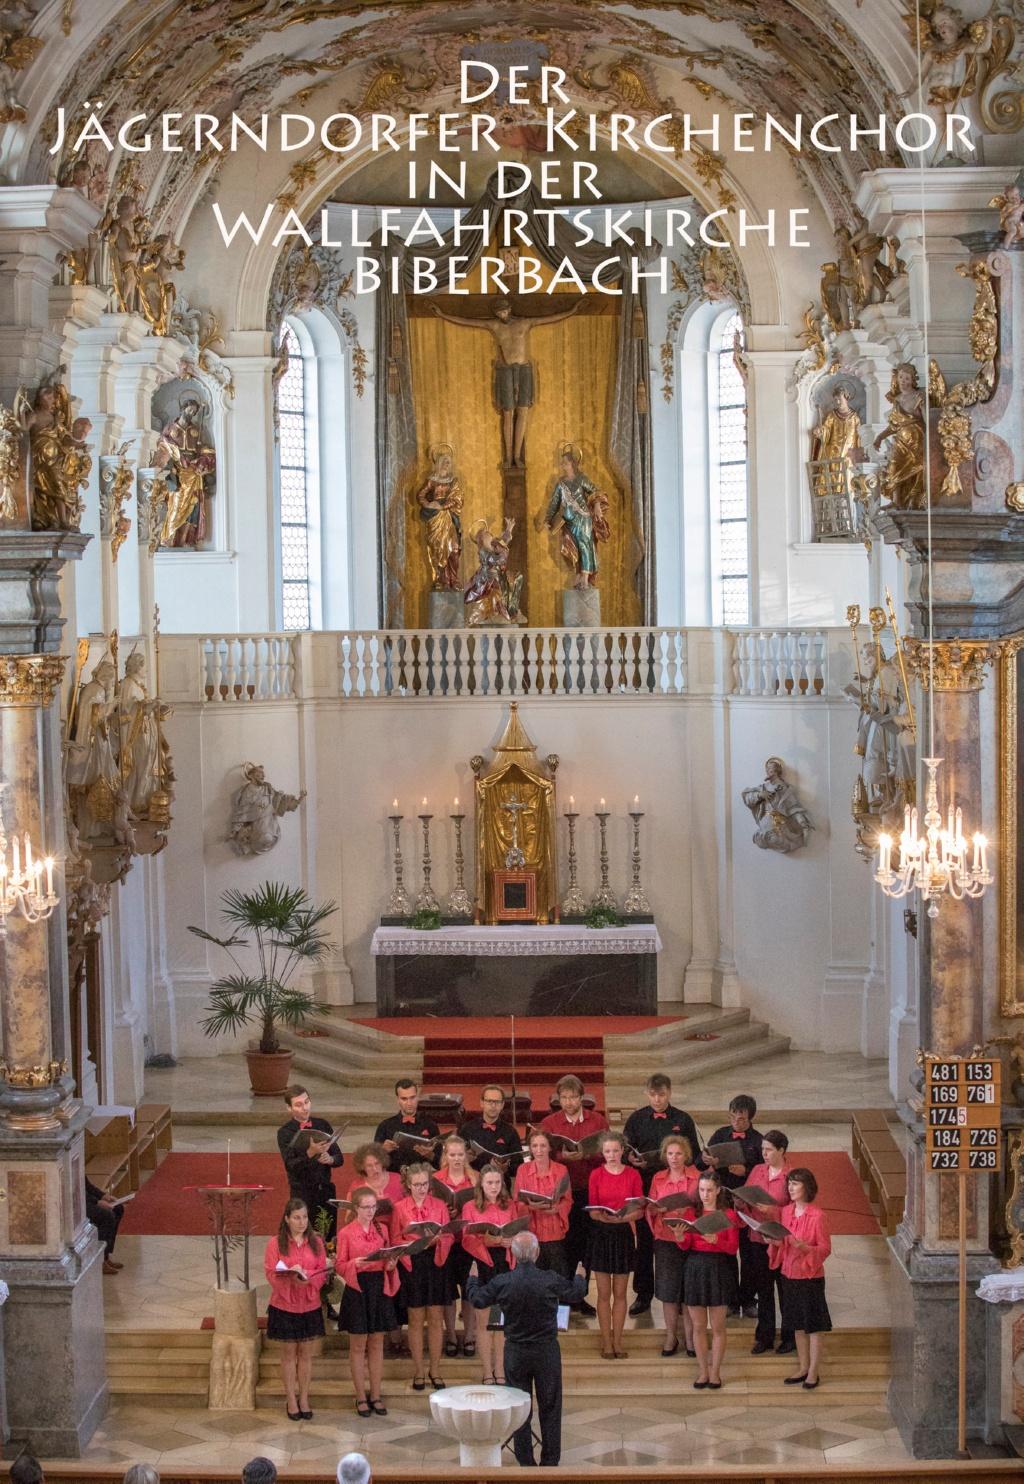 Jägerndorfer Kirchenchor